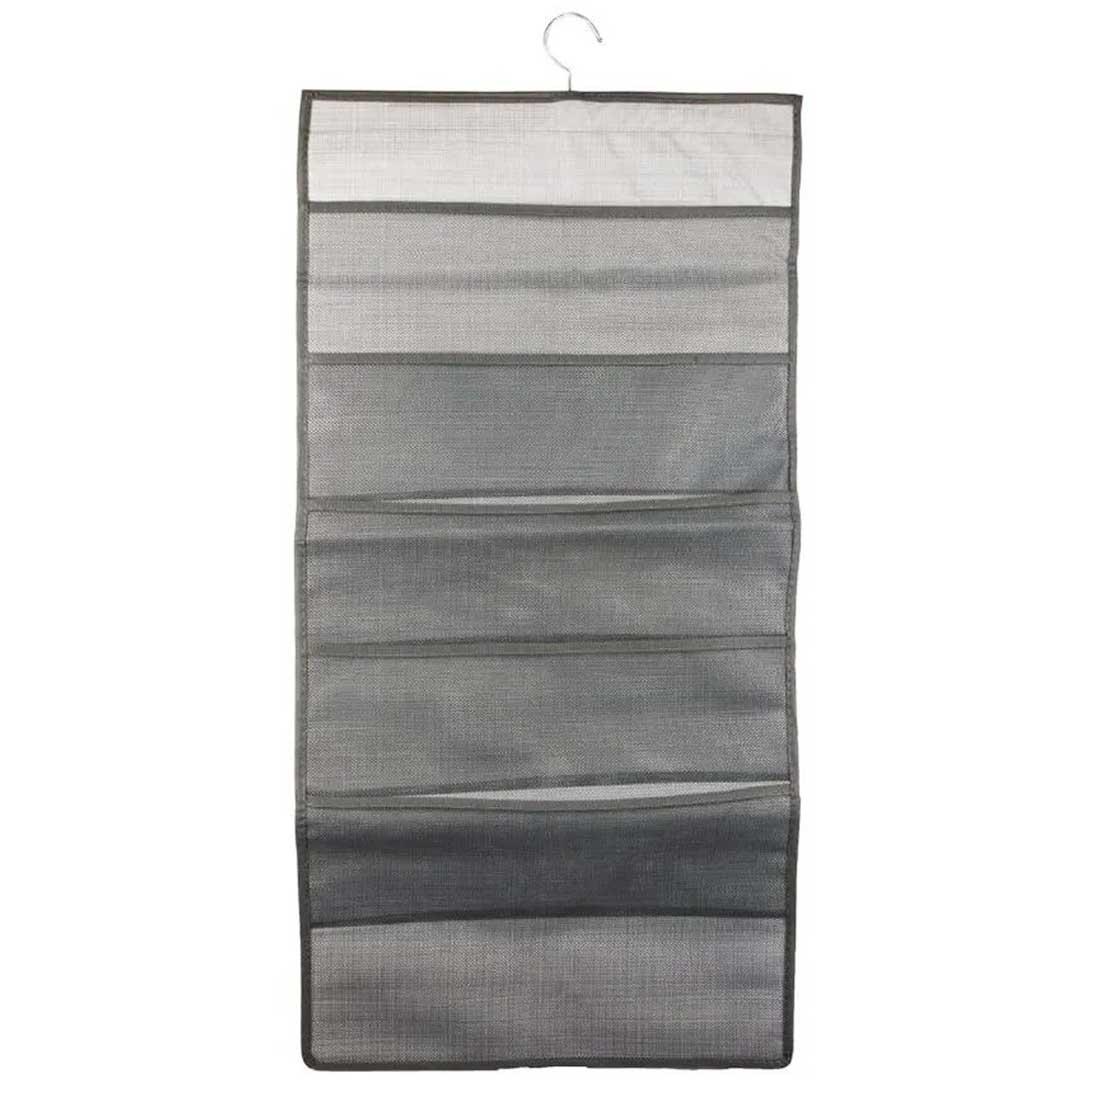 Cabide organizador 15 bolsos em tecido 78x40cm Cinza